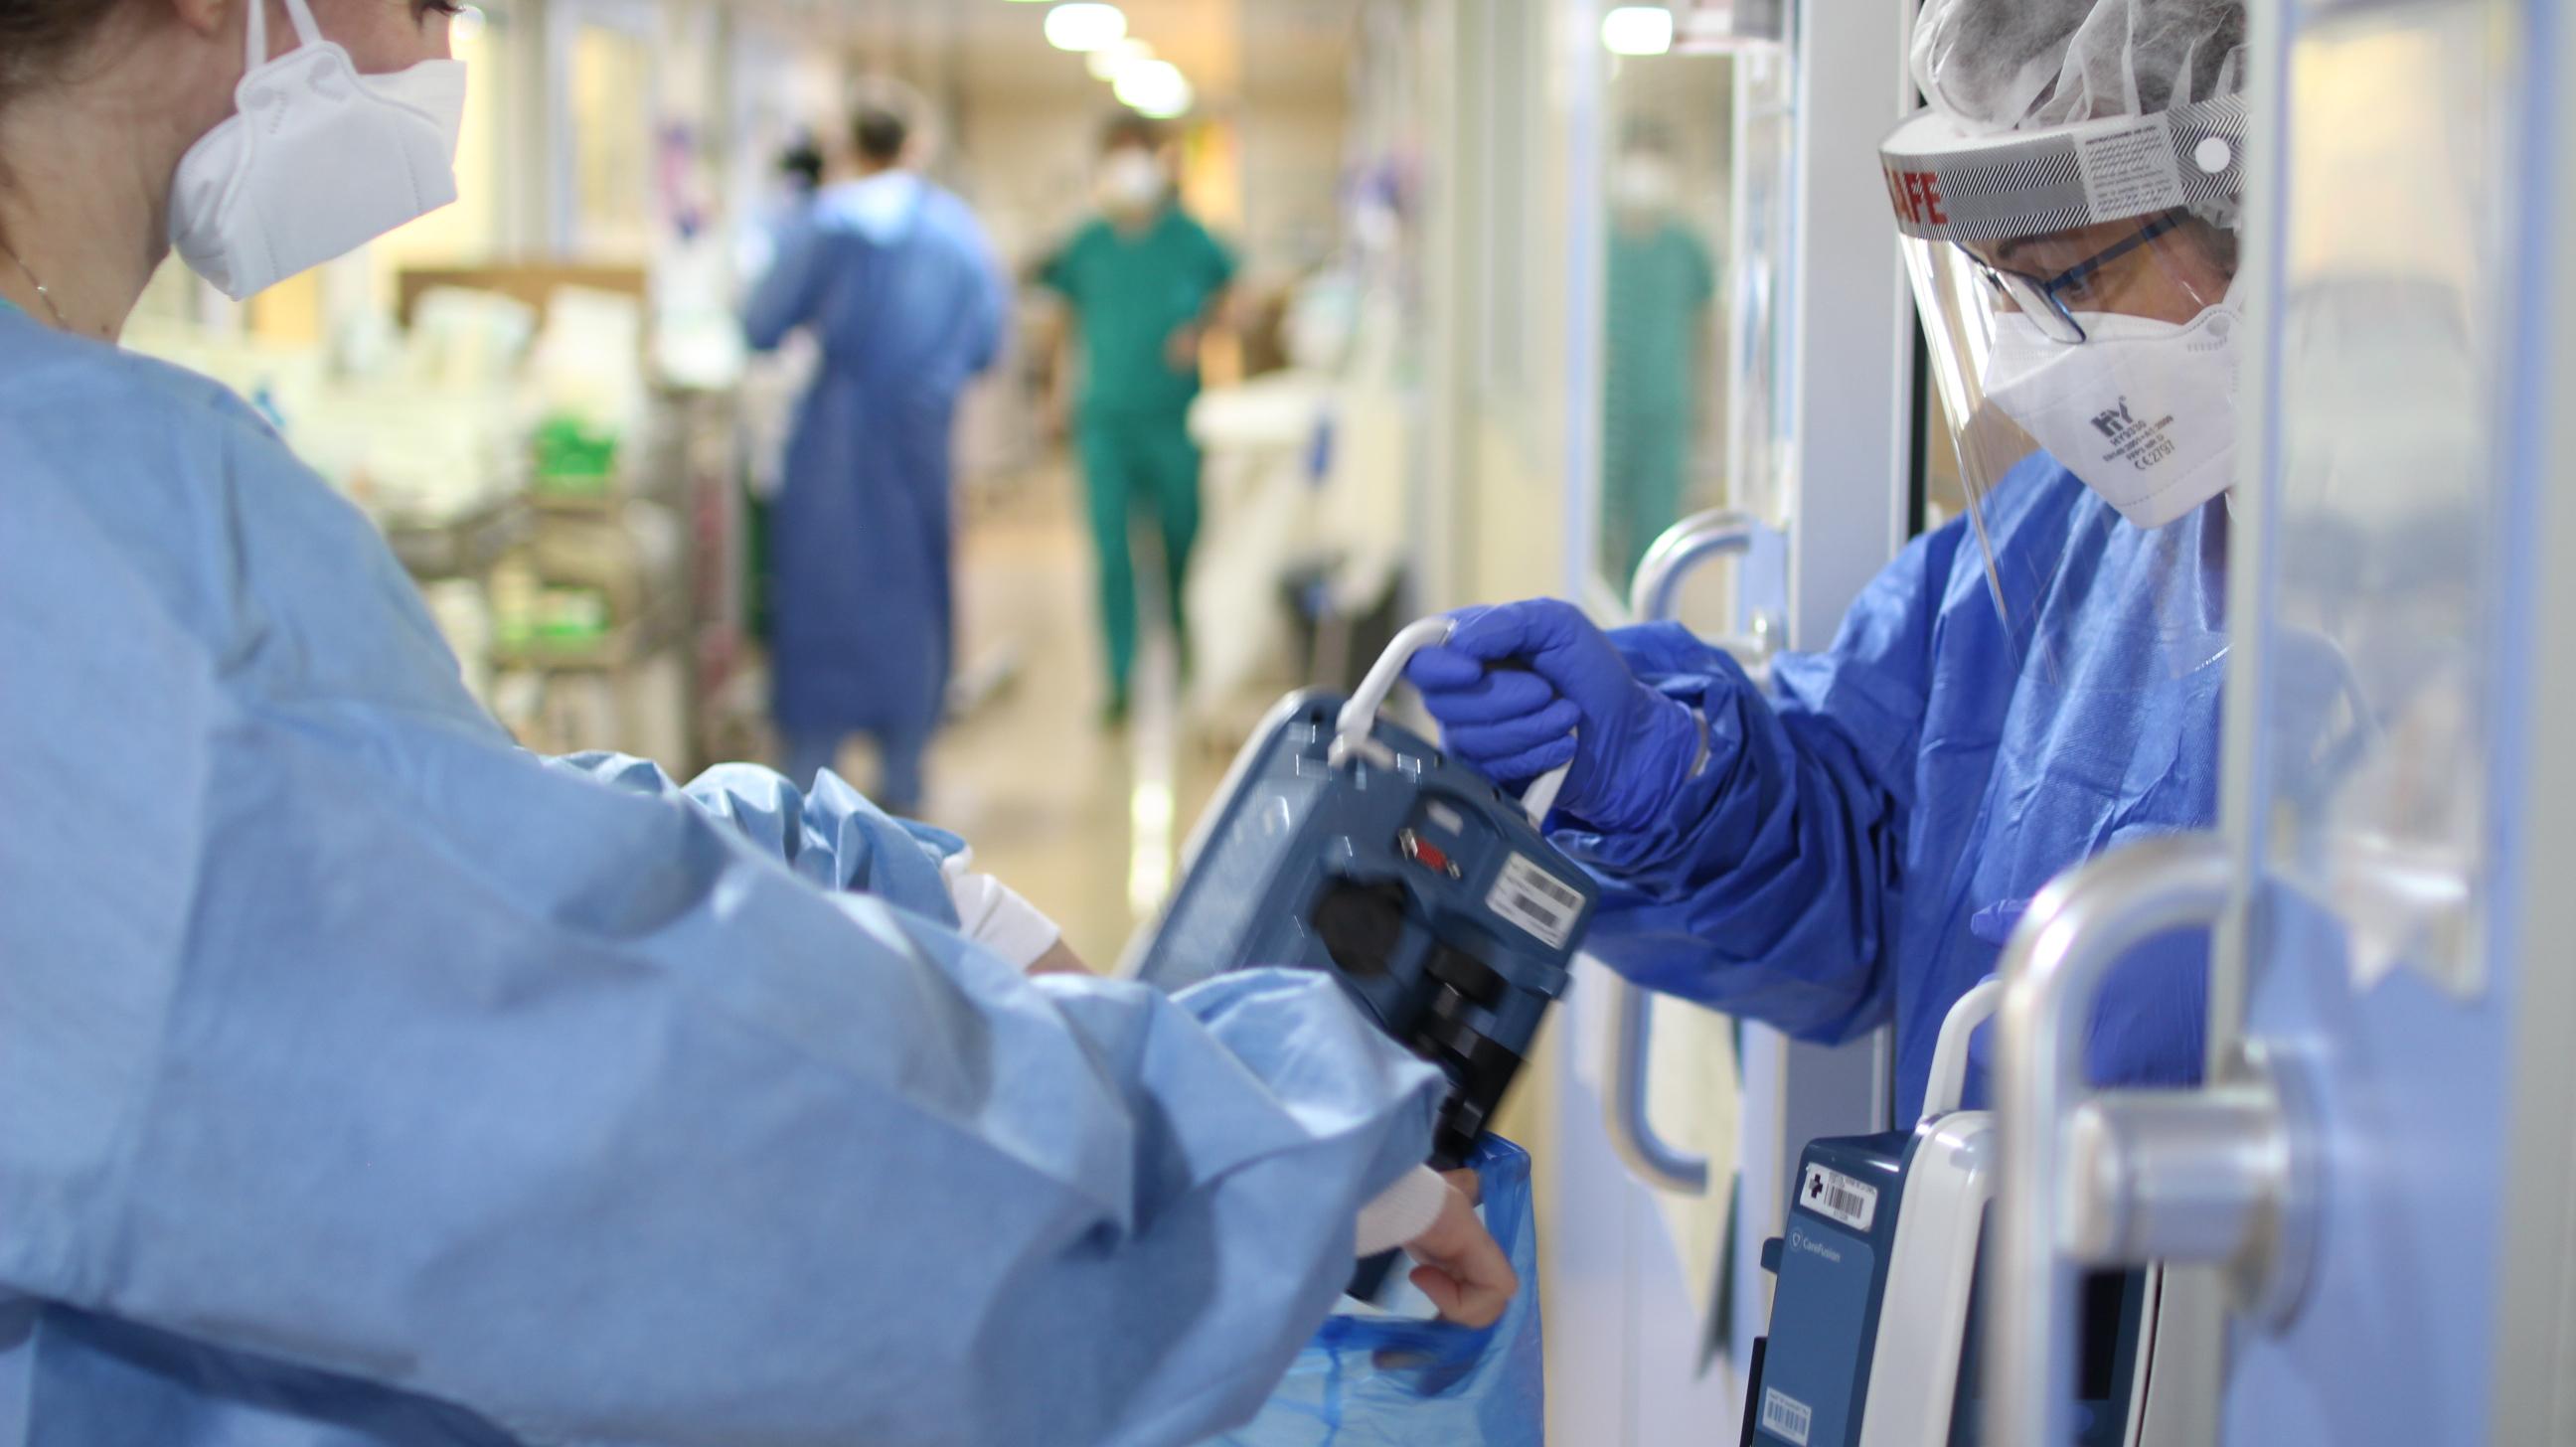 Sanitat registra 193 casos nous de coronavirus i 3 defuncions a la Comunitat Valenciana